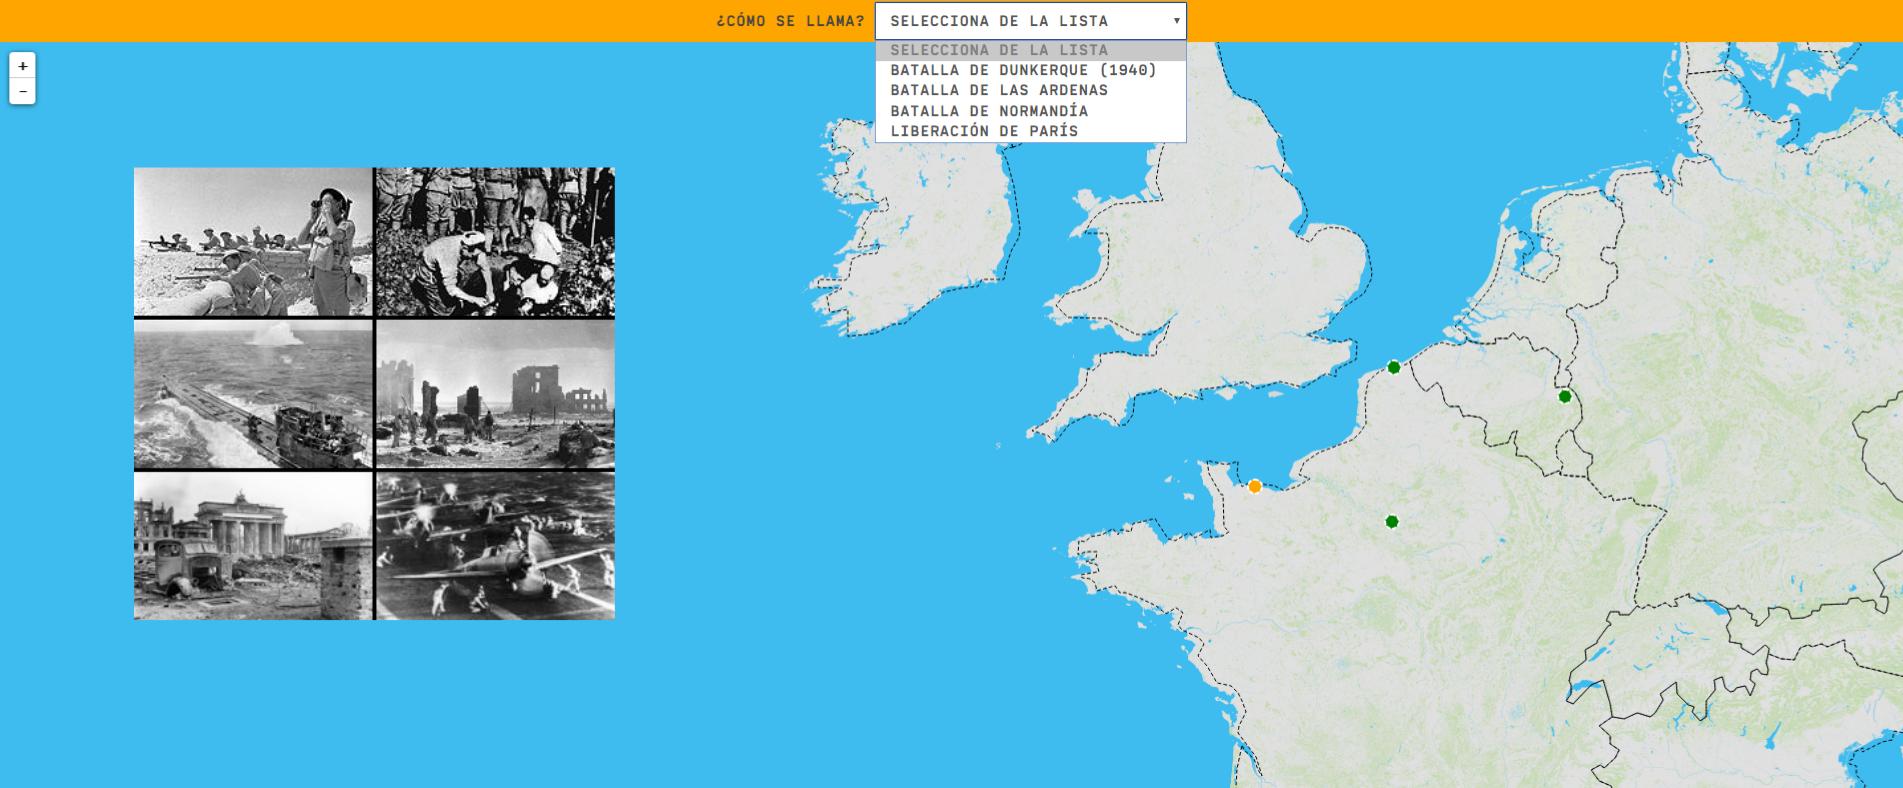 Europe in World War II: battles - Easy Level